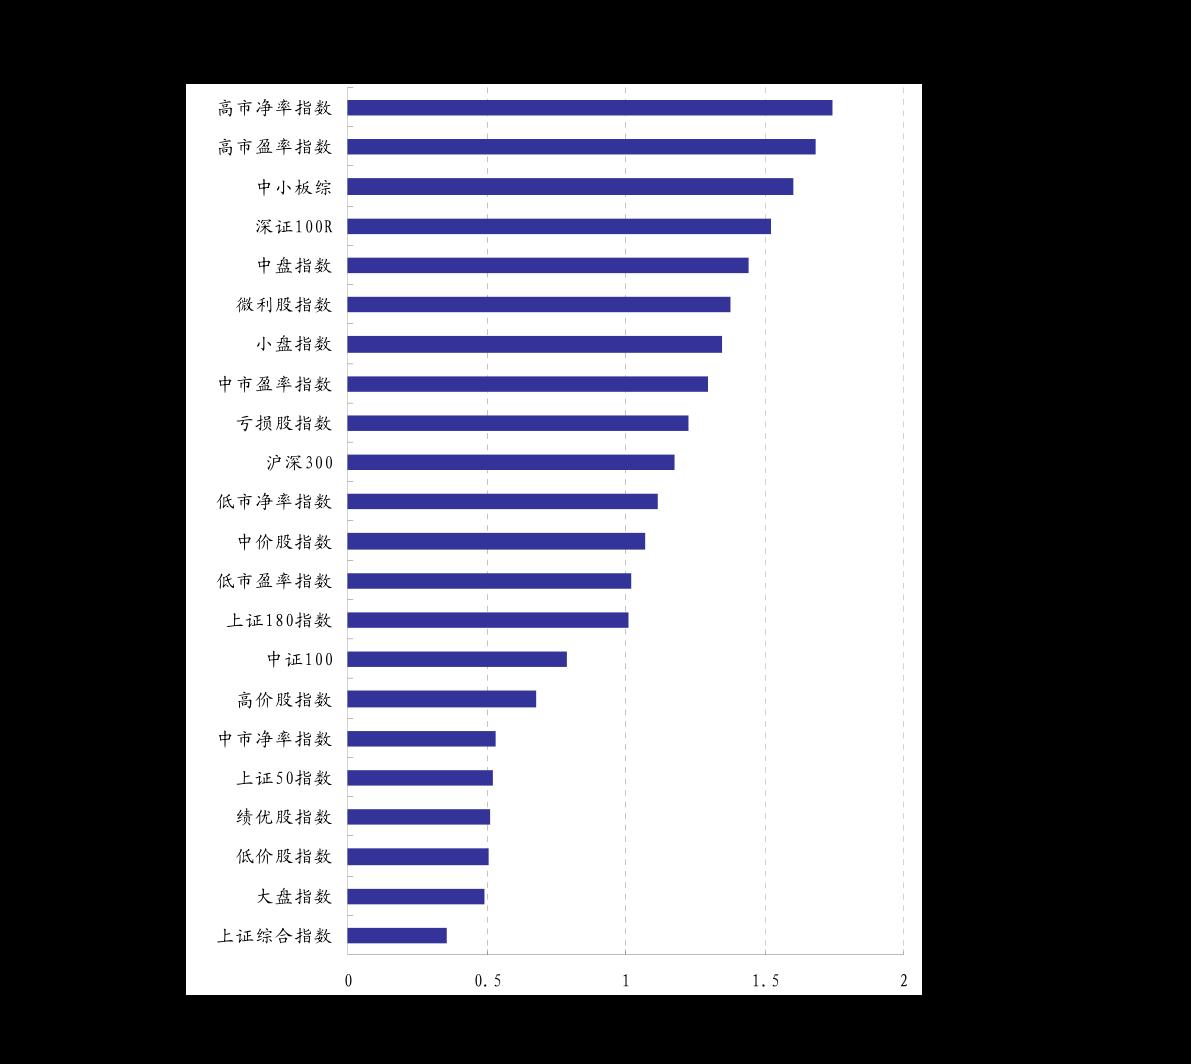 野村东方国际千赢国际app下载-研究观点每周汇总更新-201016